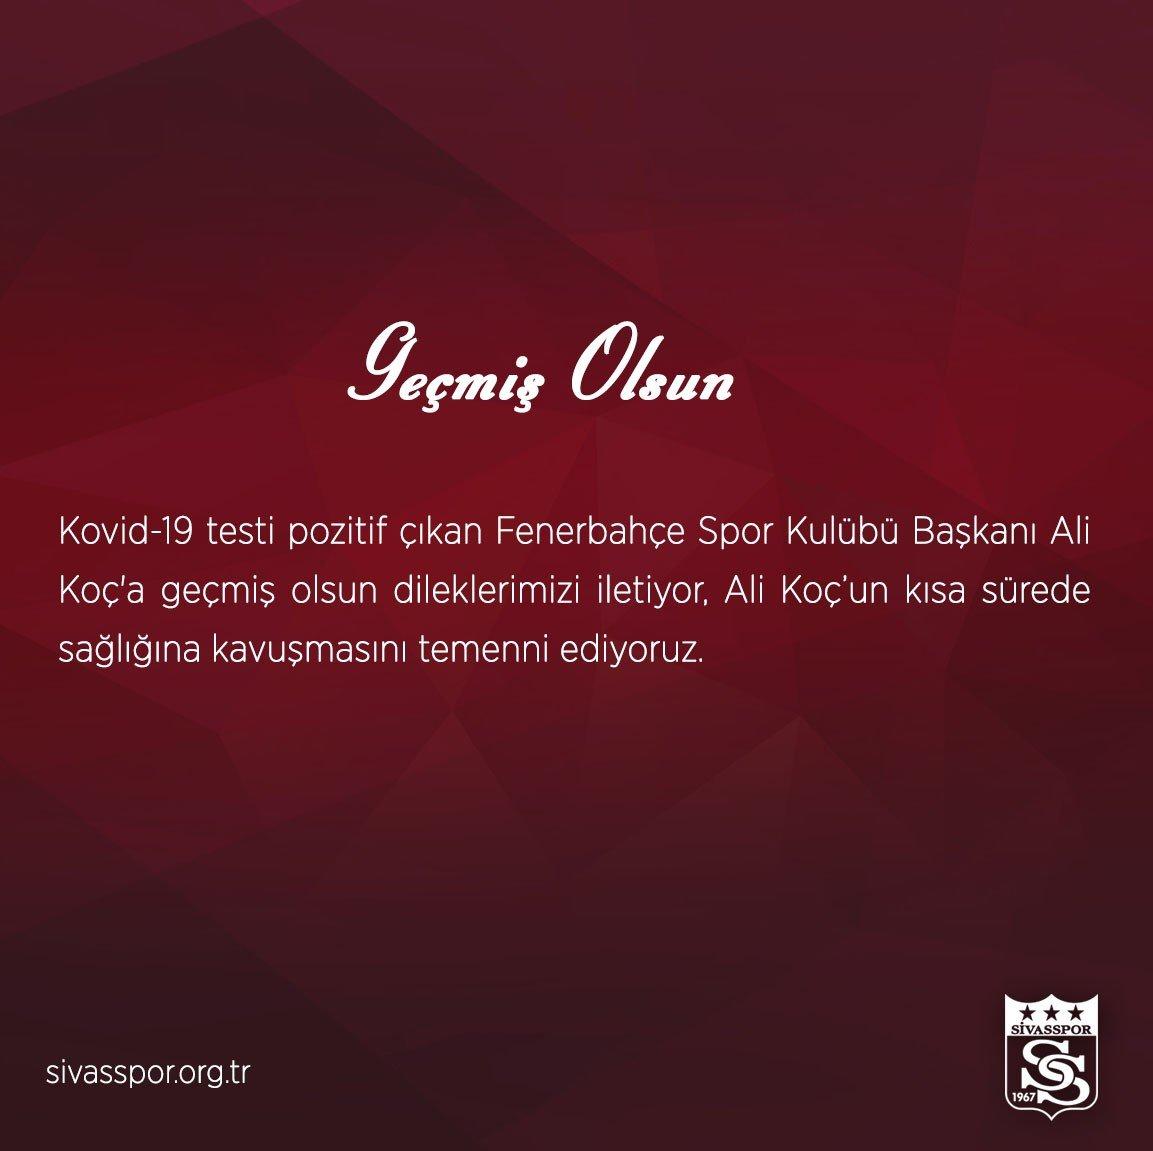 Sivasspor'dan Ali Koç'a Geçmiş Olsun Mesajı